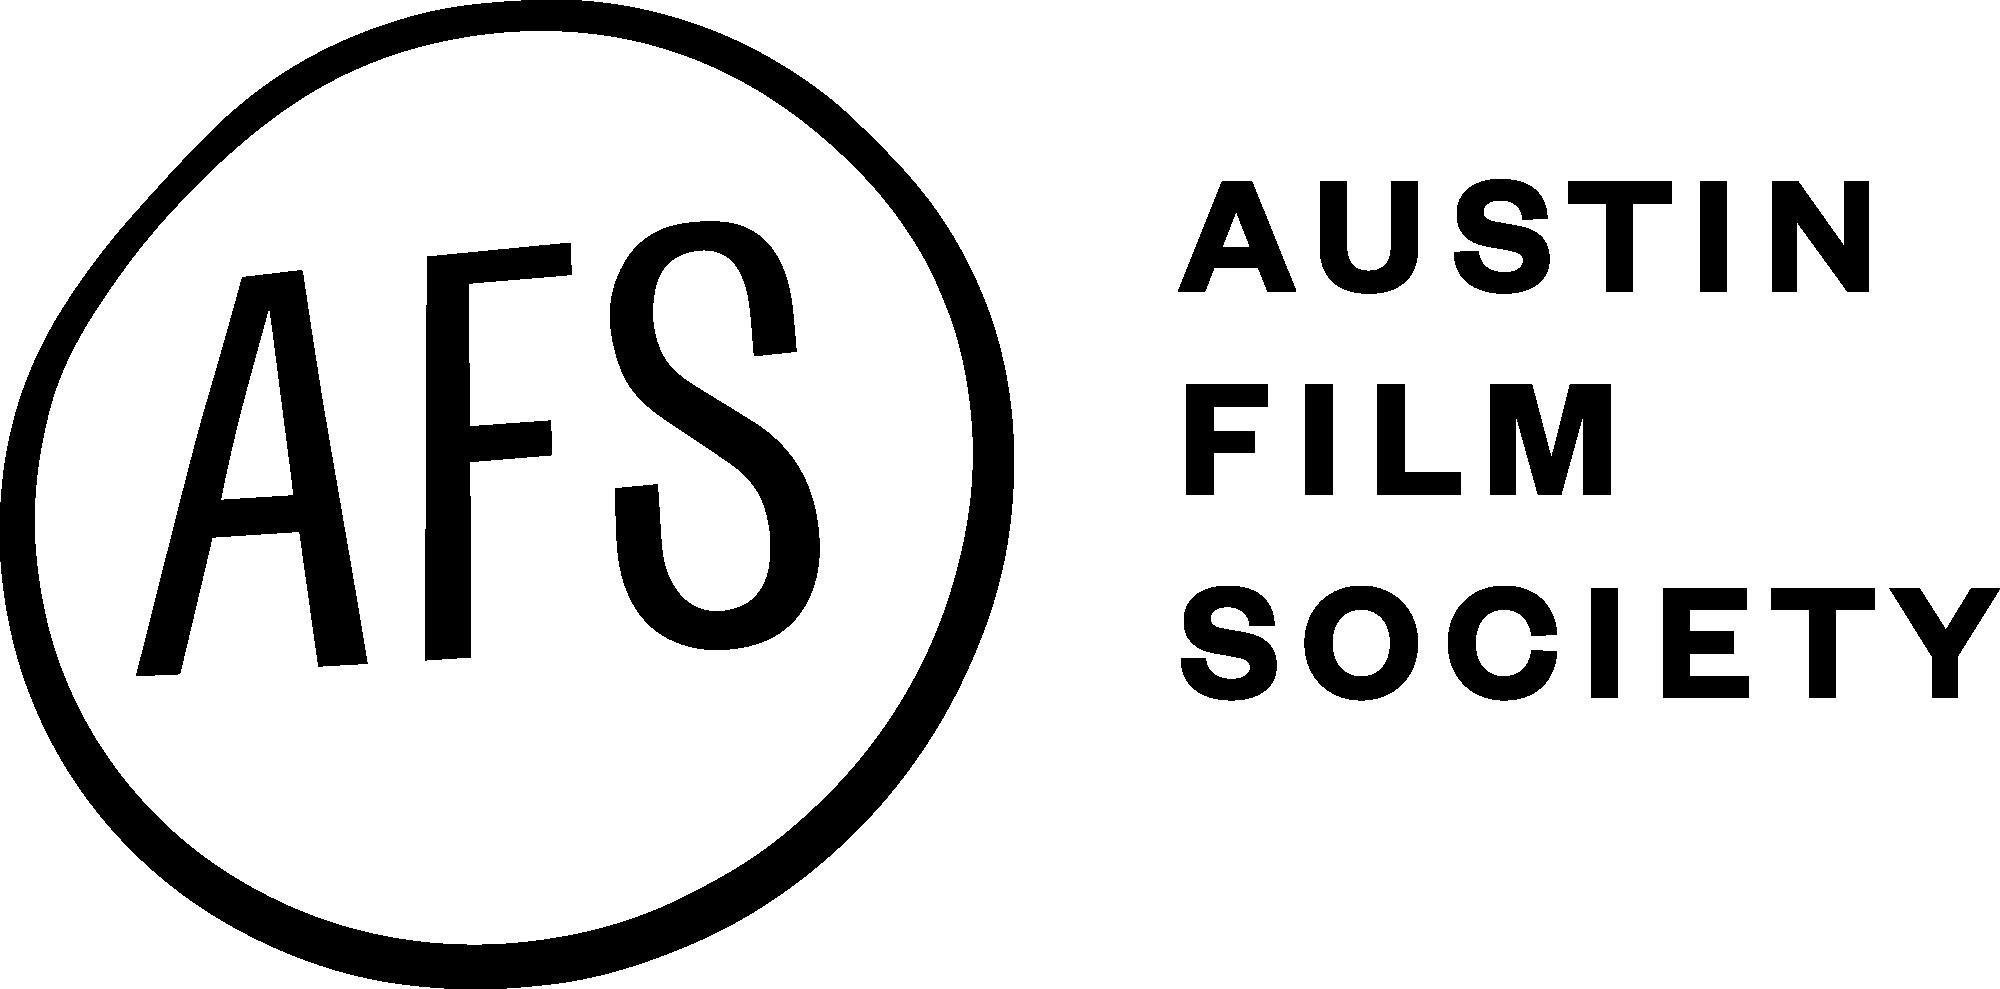 Austin Film Society - Community Sponsor.png